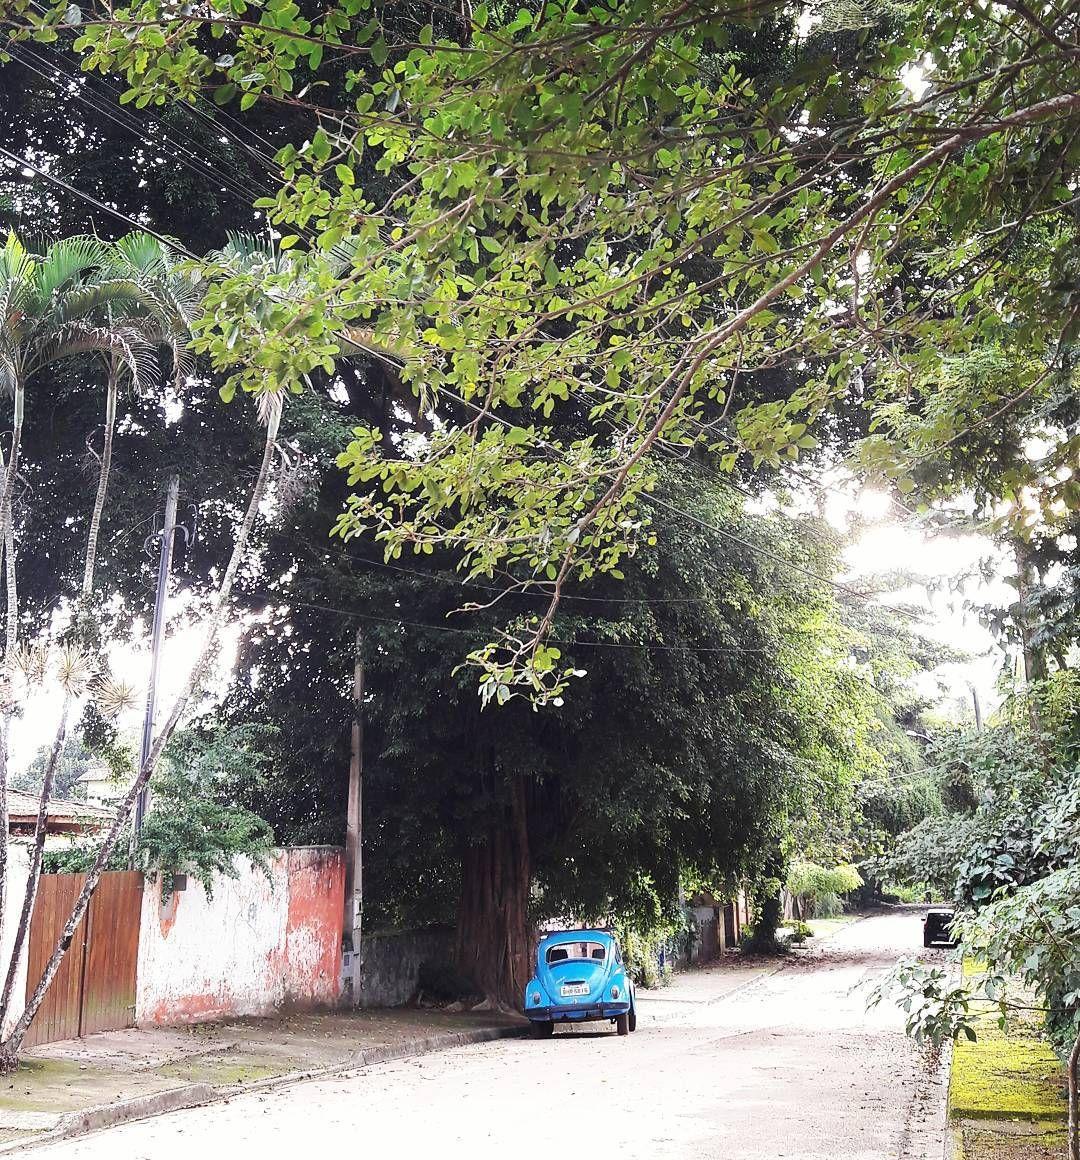 Pensa num cenário pacato.  #minhavidaemilhabela #ilhabela #barravelha